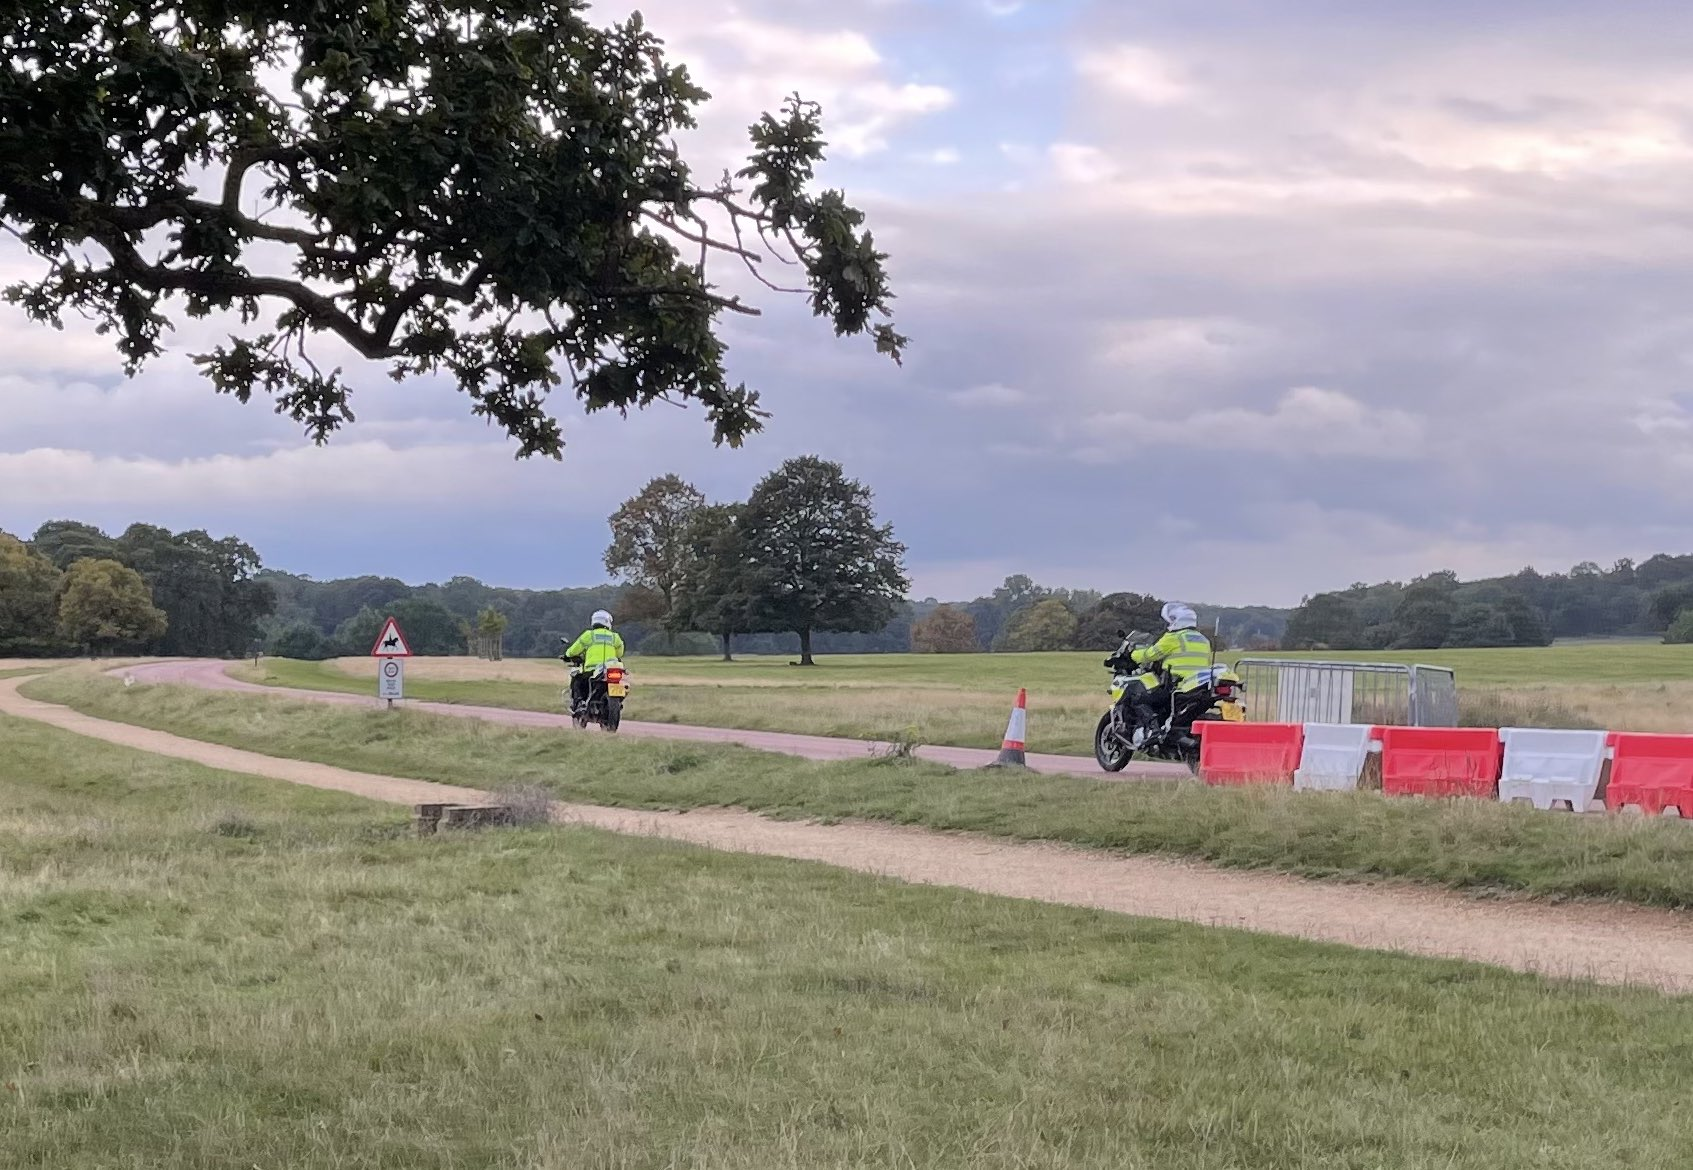 La policía hace arresto en Richmond Park en respuesta a un crimen violento habilitado para ciclomotores